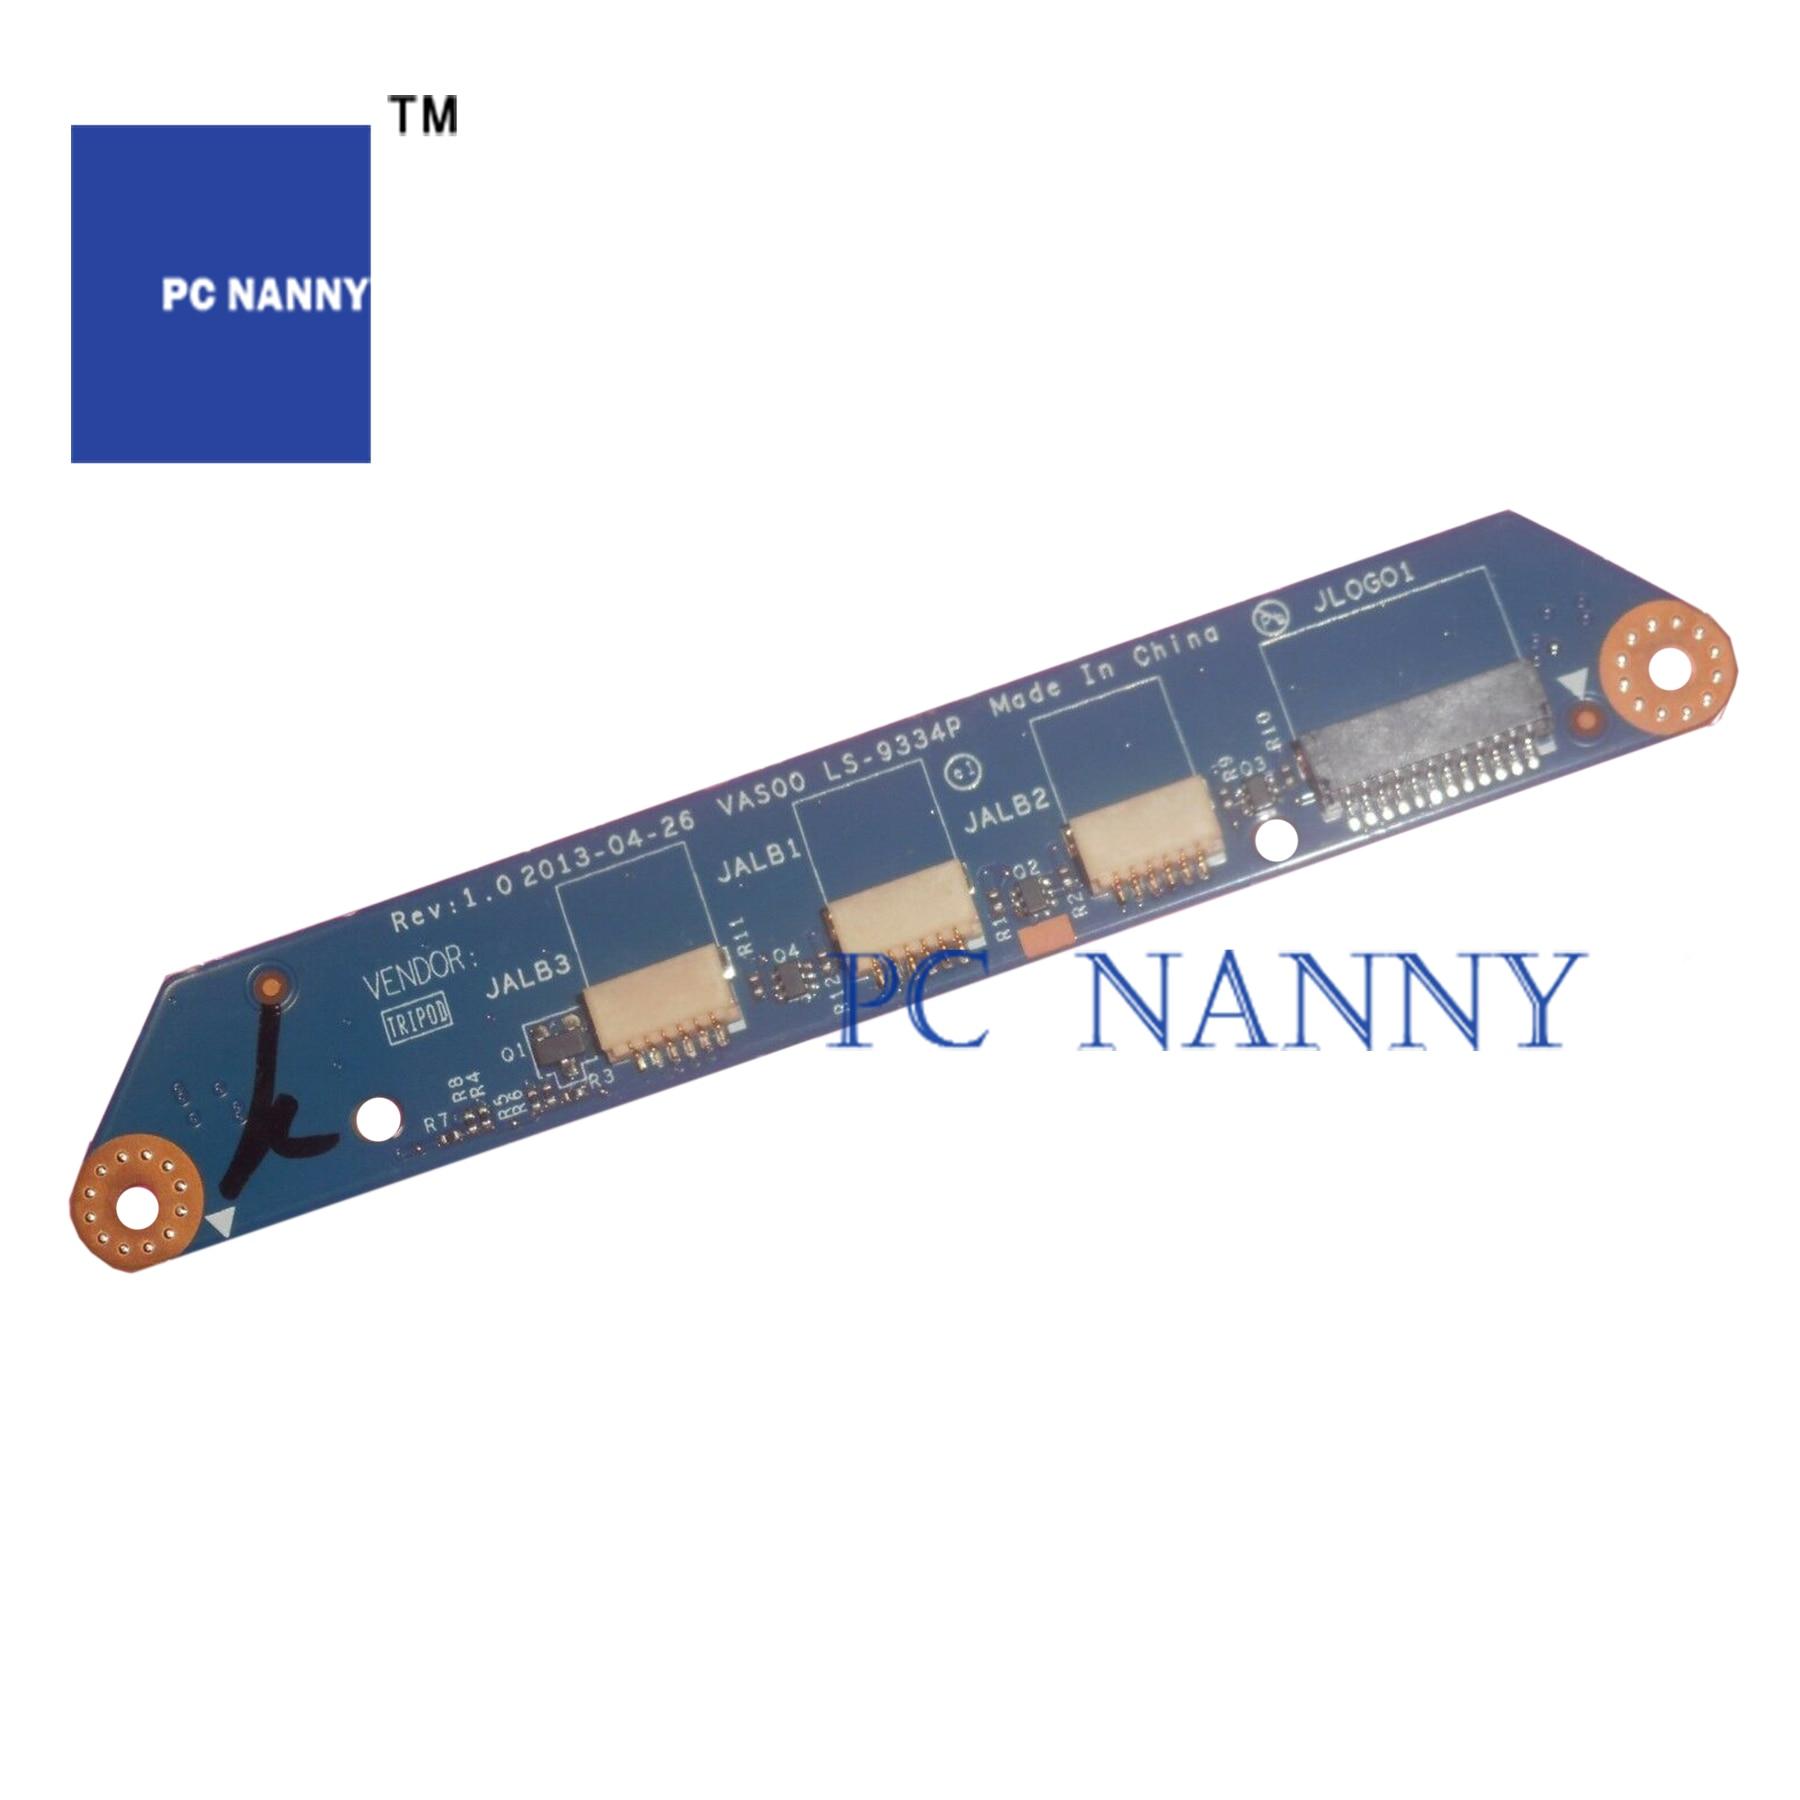 PCNANNY para Dell Alienware 17 R5 placa LED LS-9334P prueba buena